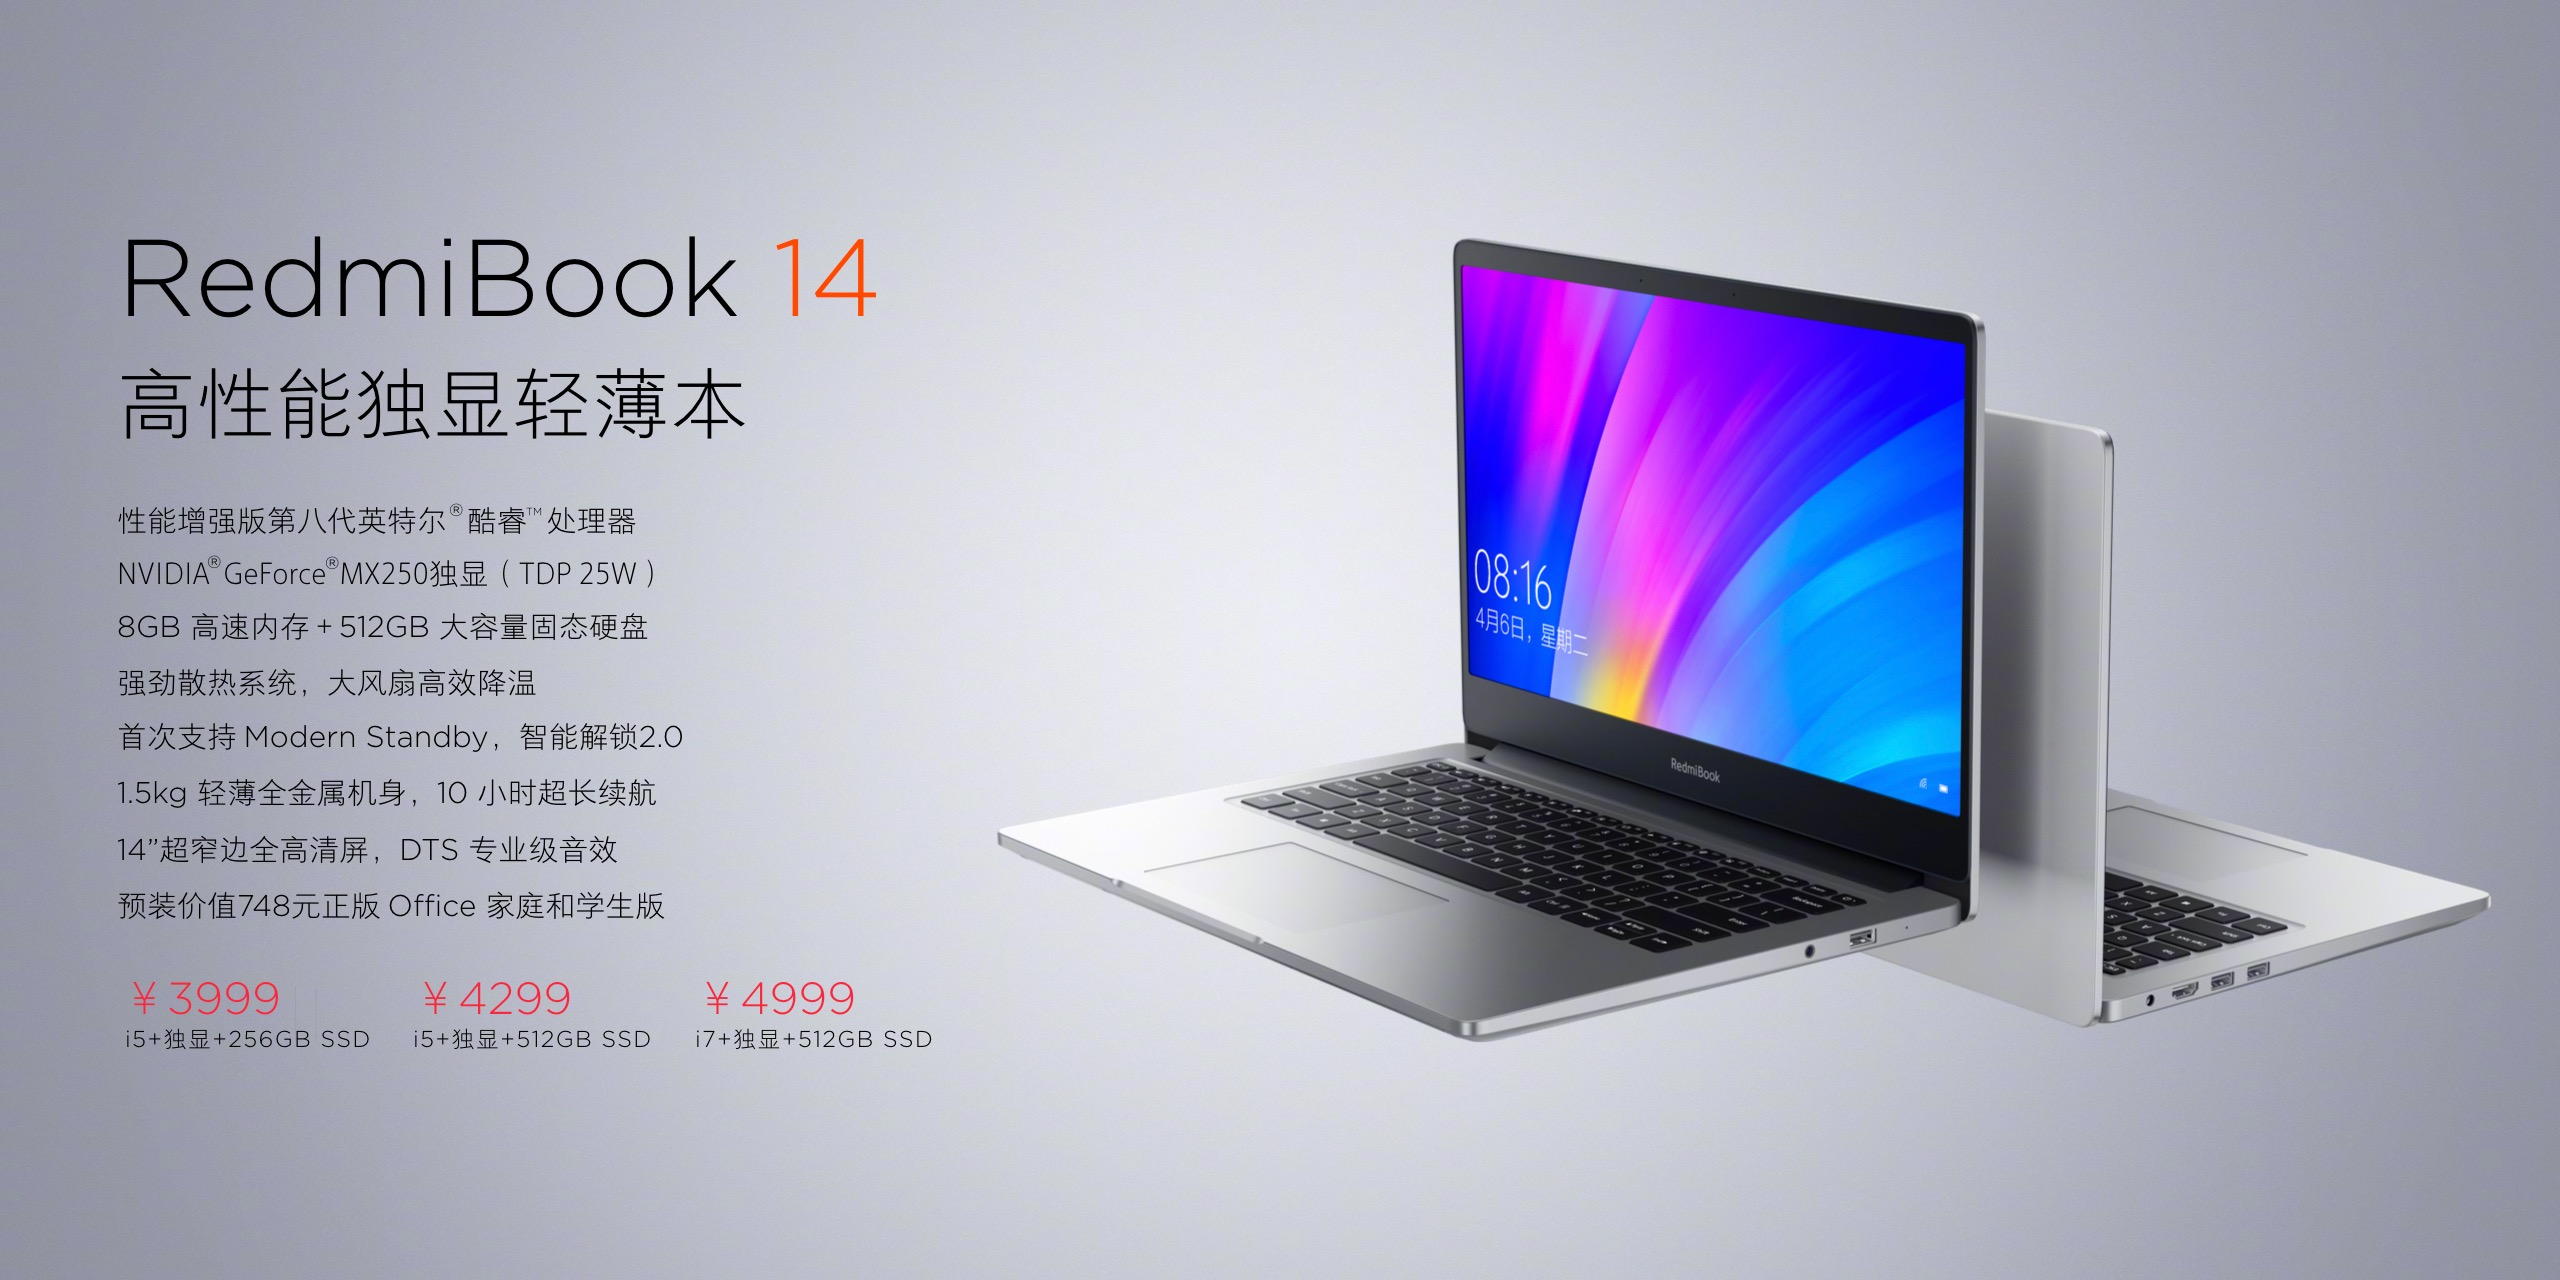 RedmiBook 14, características, especificaciones y precio. Noticias Xiaomi Adictos